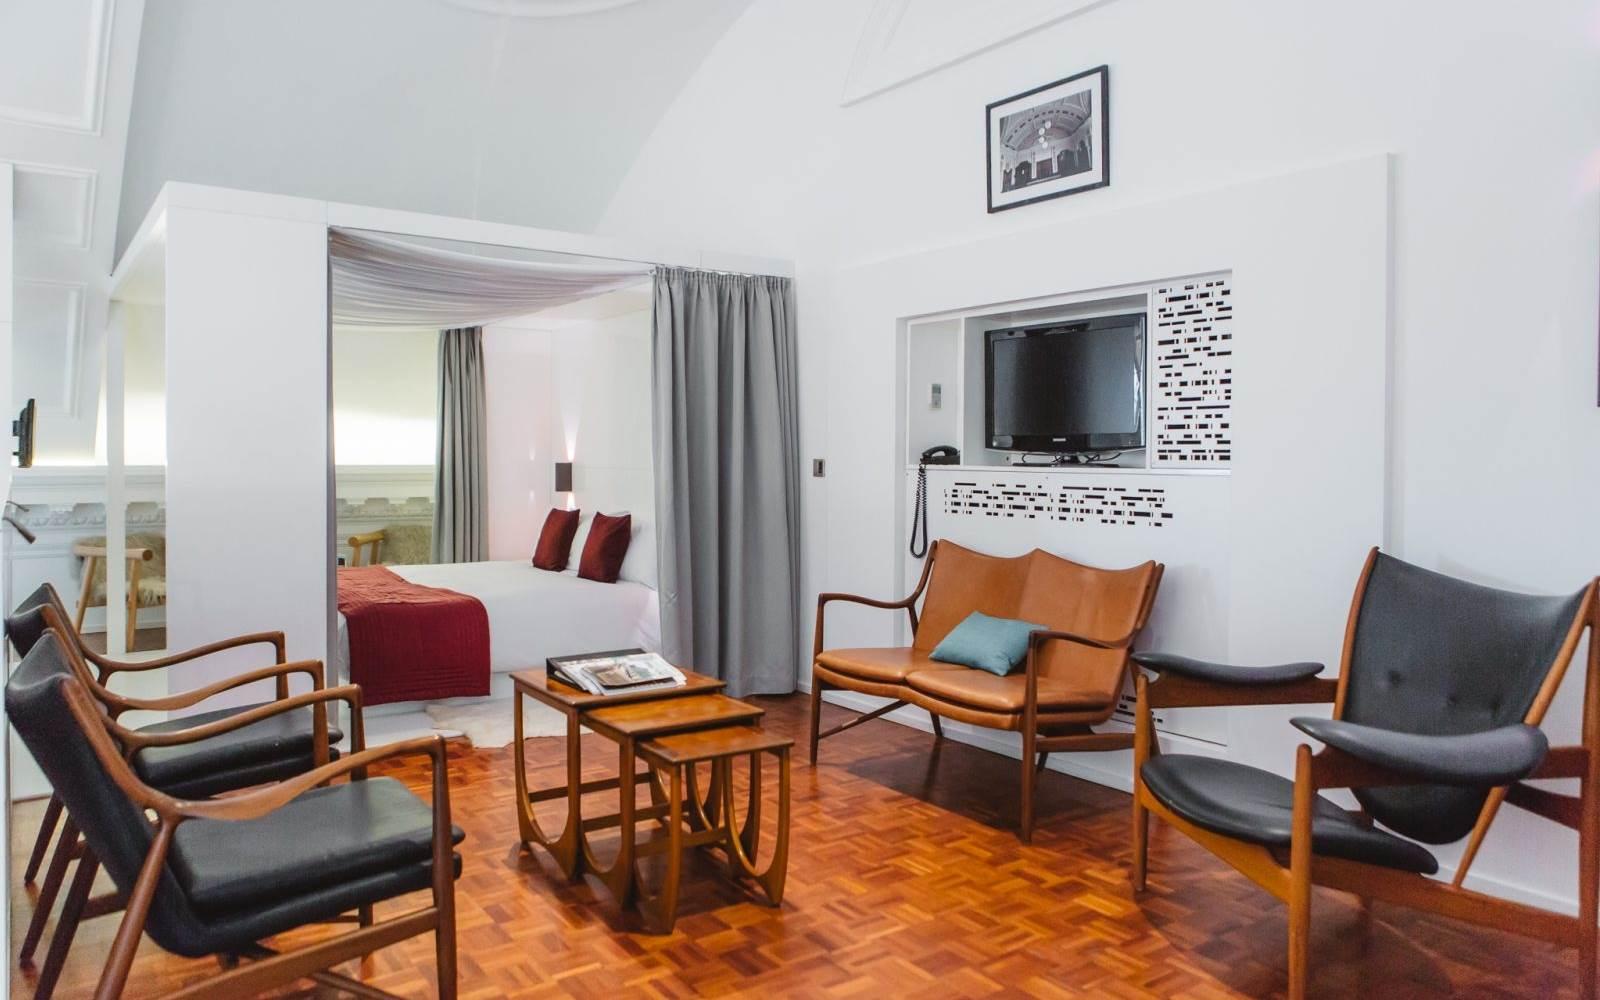 de montfort suite living room